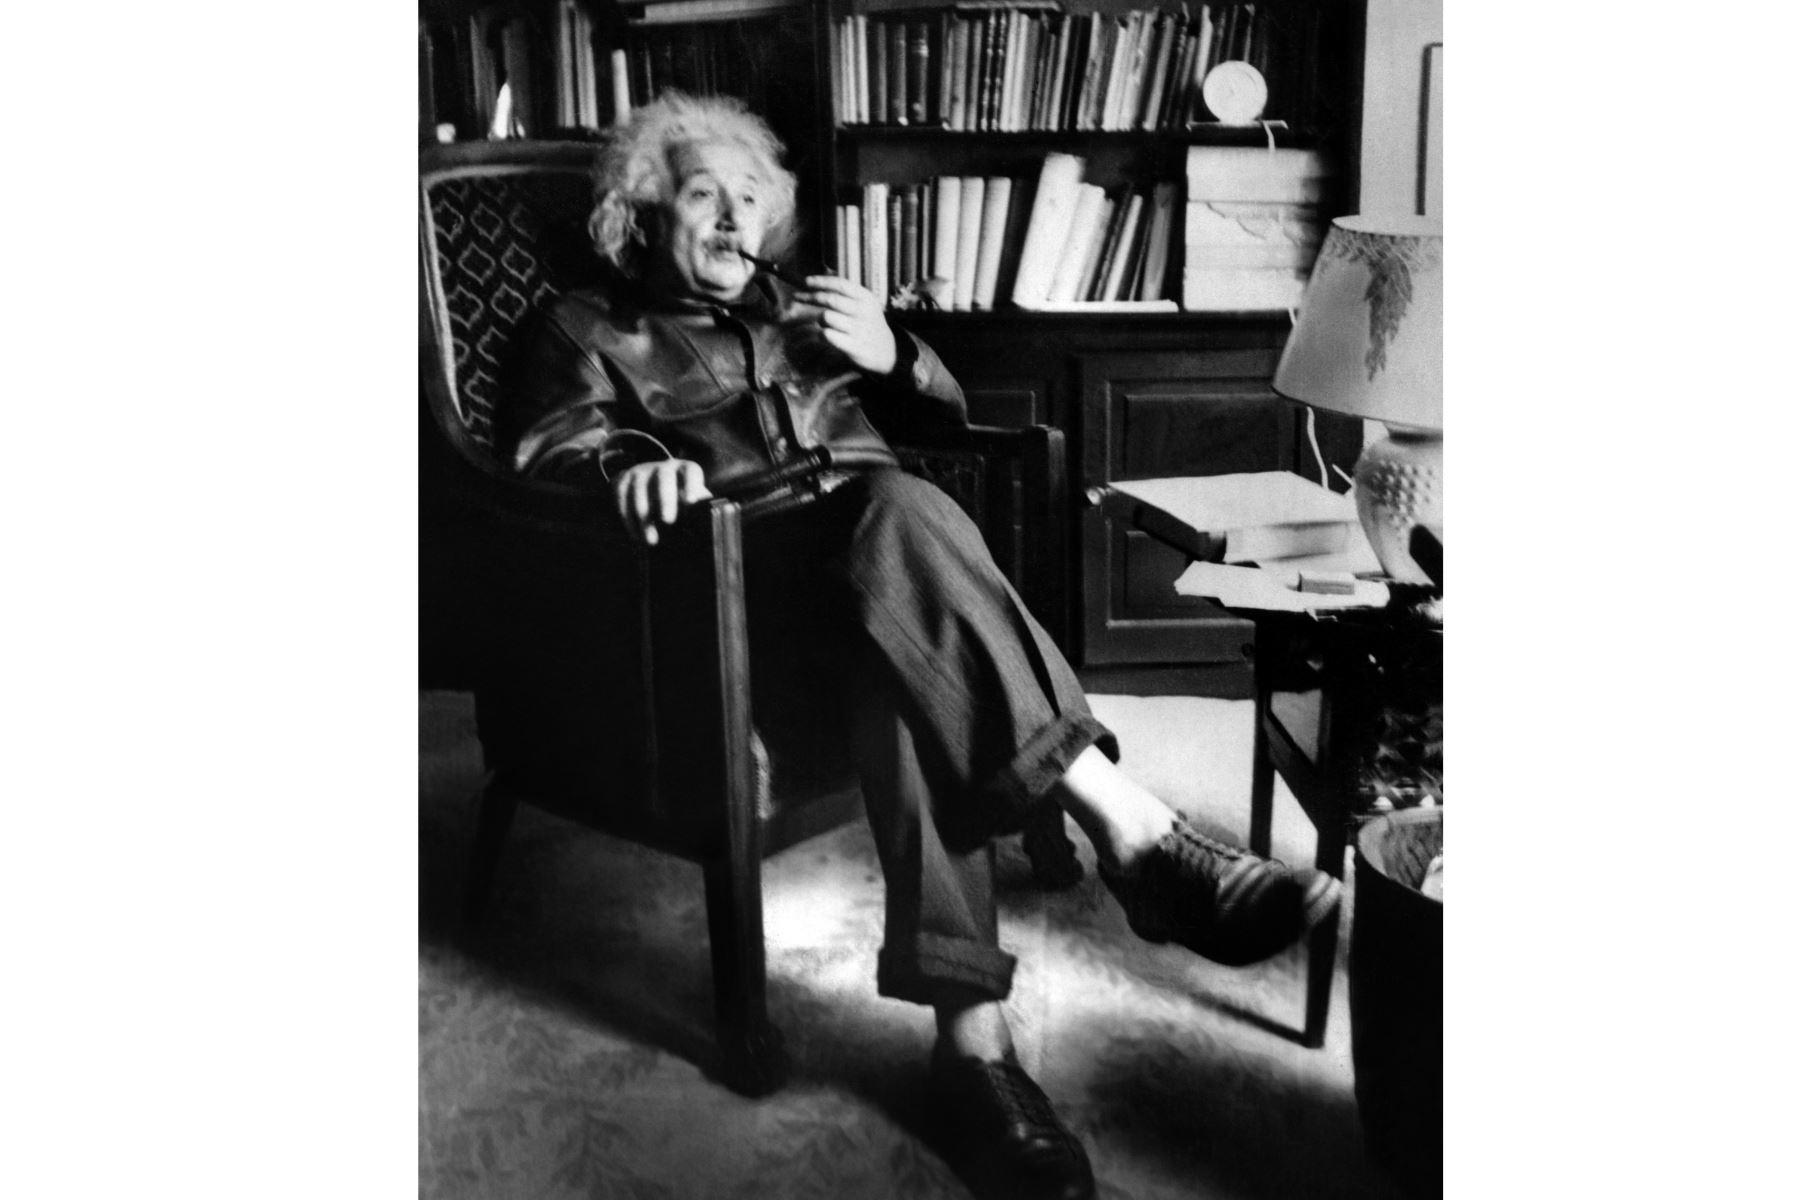 Albert Einstein fuma una pipa el 2 de junio de 1938 en su casa de la Universidad de Princeton. Foto: AFP